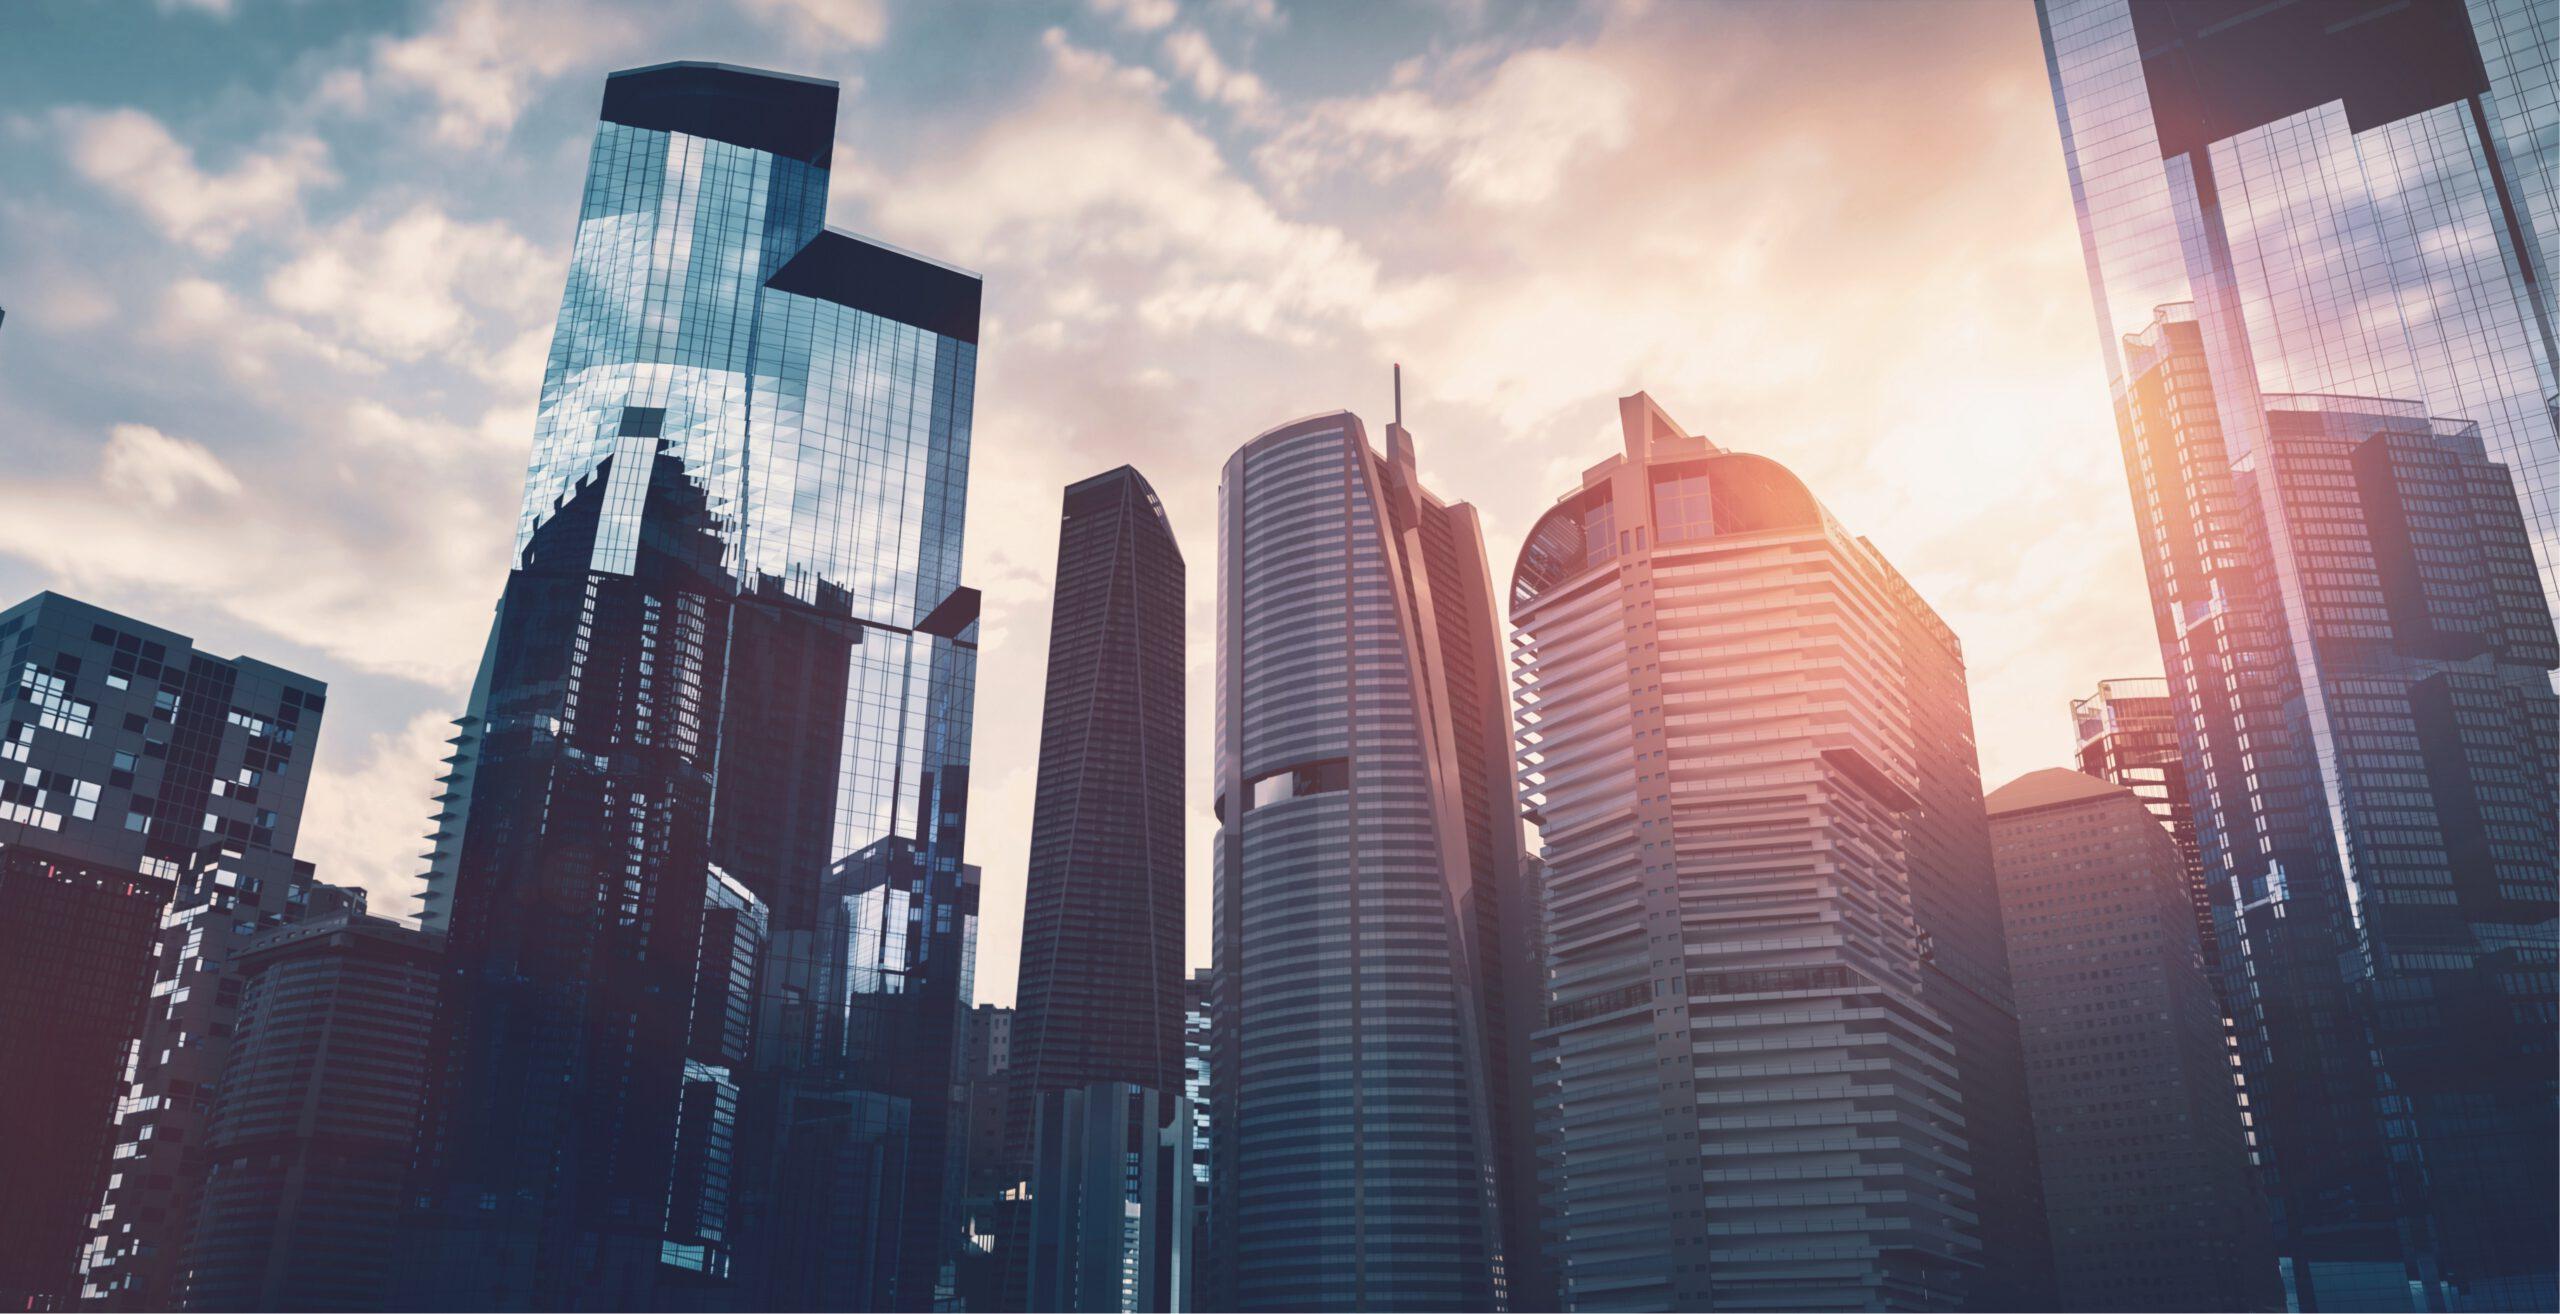 Wolkenkratzer von Unternehmen, die von der Corona-Krise betroffen sein könnten.